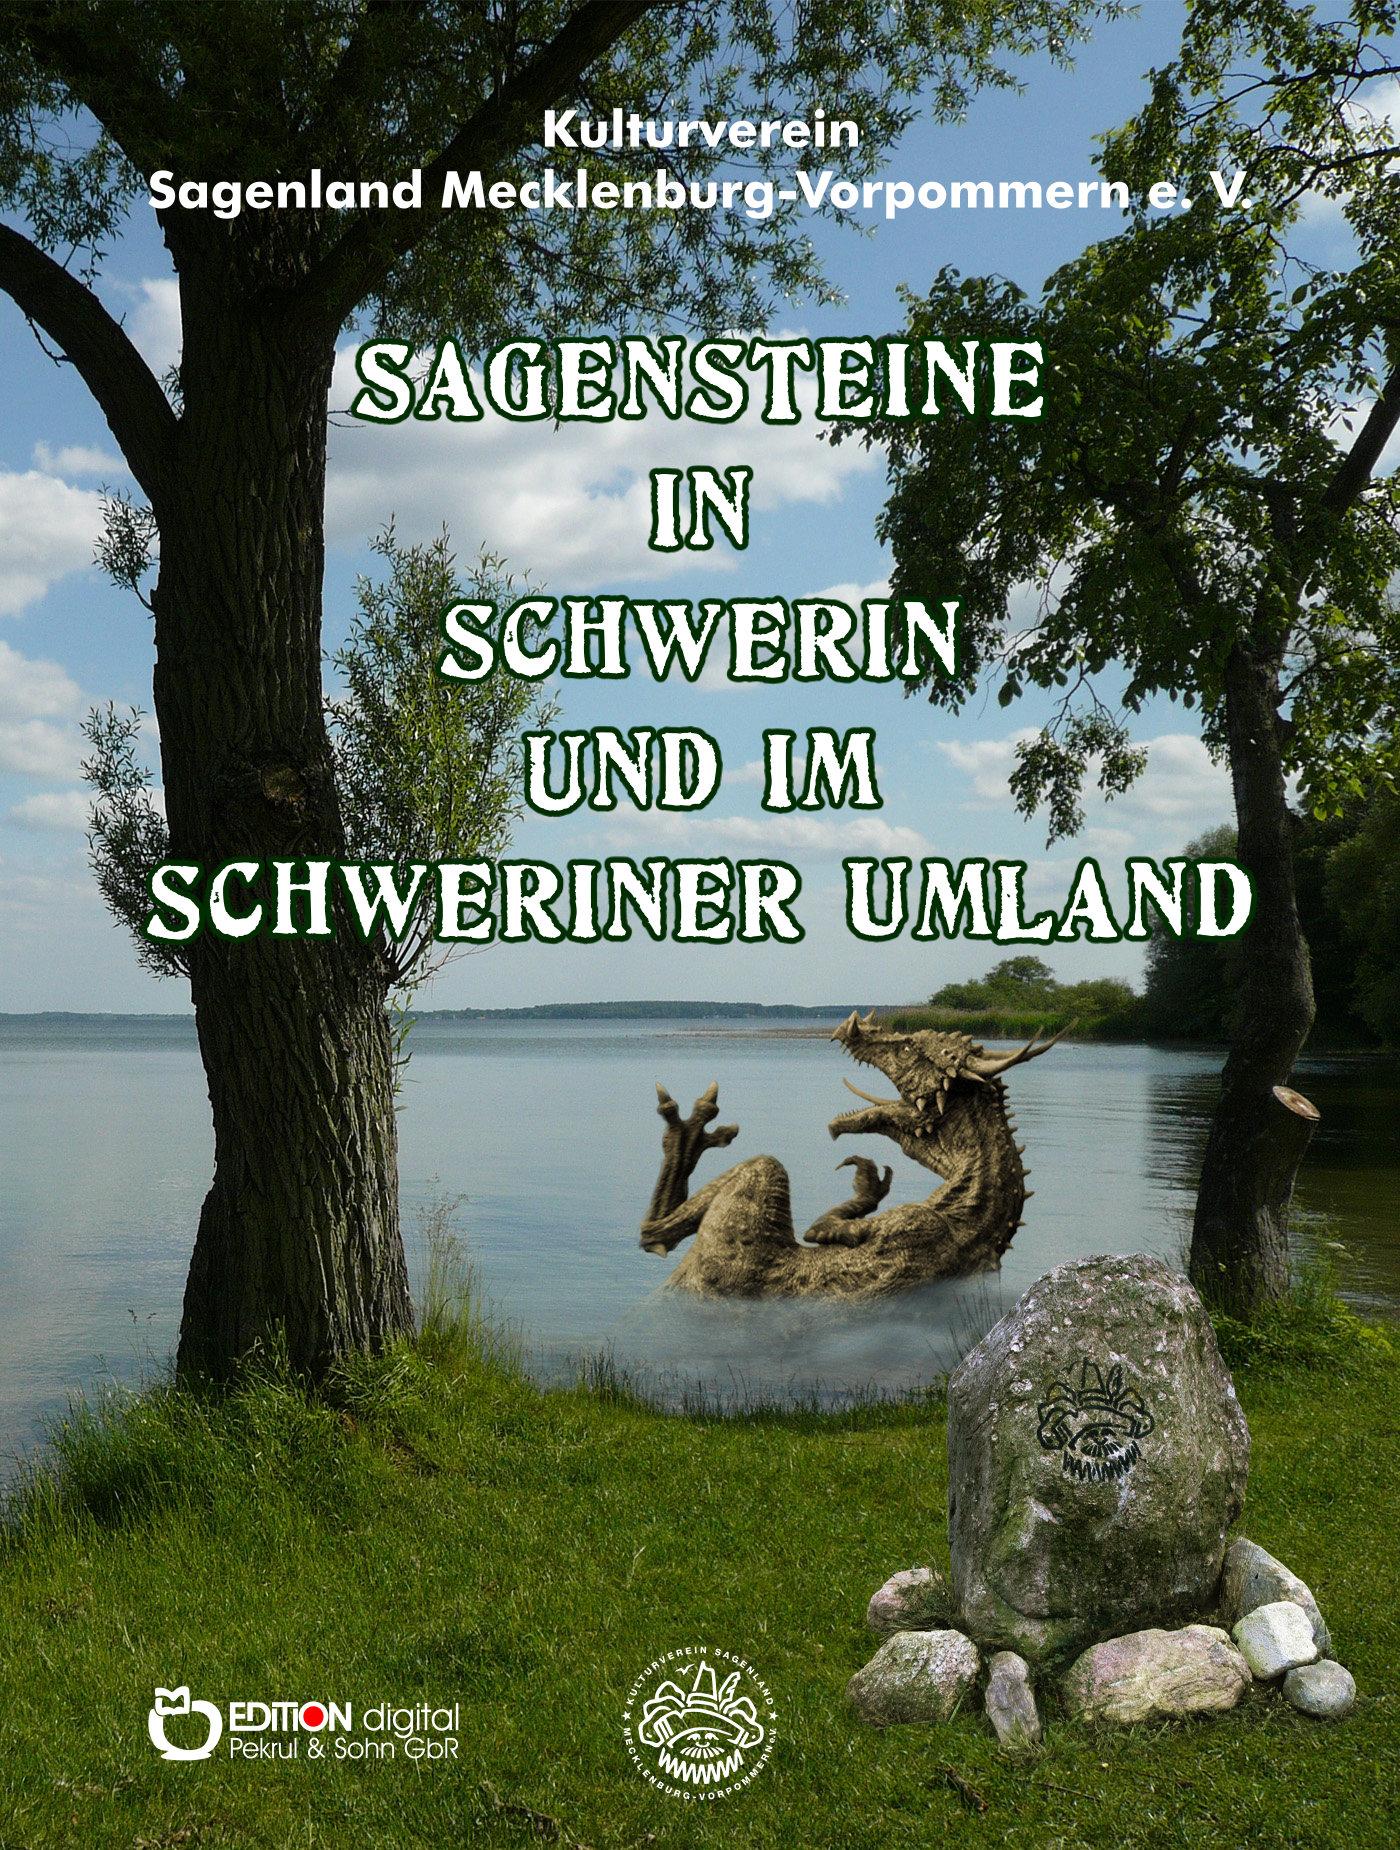 Sagensteine in Schwerin und im Schweriner Umland. 2. überarbeitete und erweiterte Ausgabe von Mecklenburg-Vorpommern Kulturverein Sagenland, Gottfried Holzmüller (Autor), Eckart Bomke (Autor)